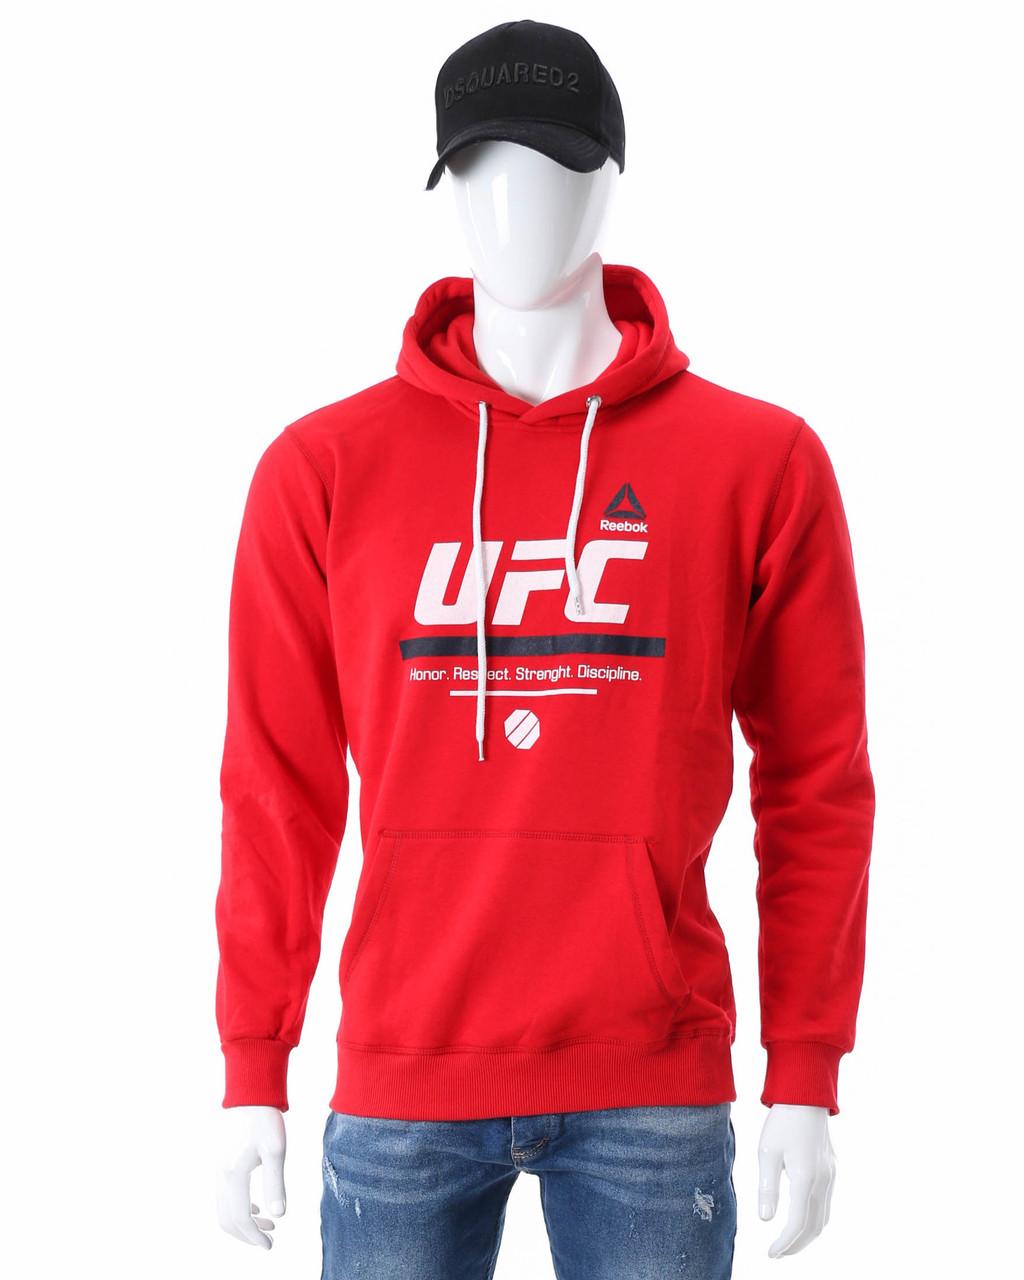 Худи осень-зима красный UFC 'Respekt' Т-2 RED XL(Р) 19-452-203